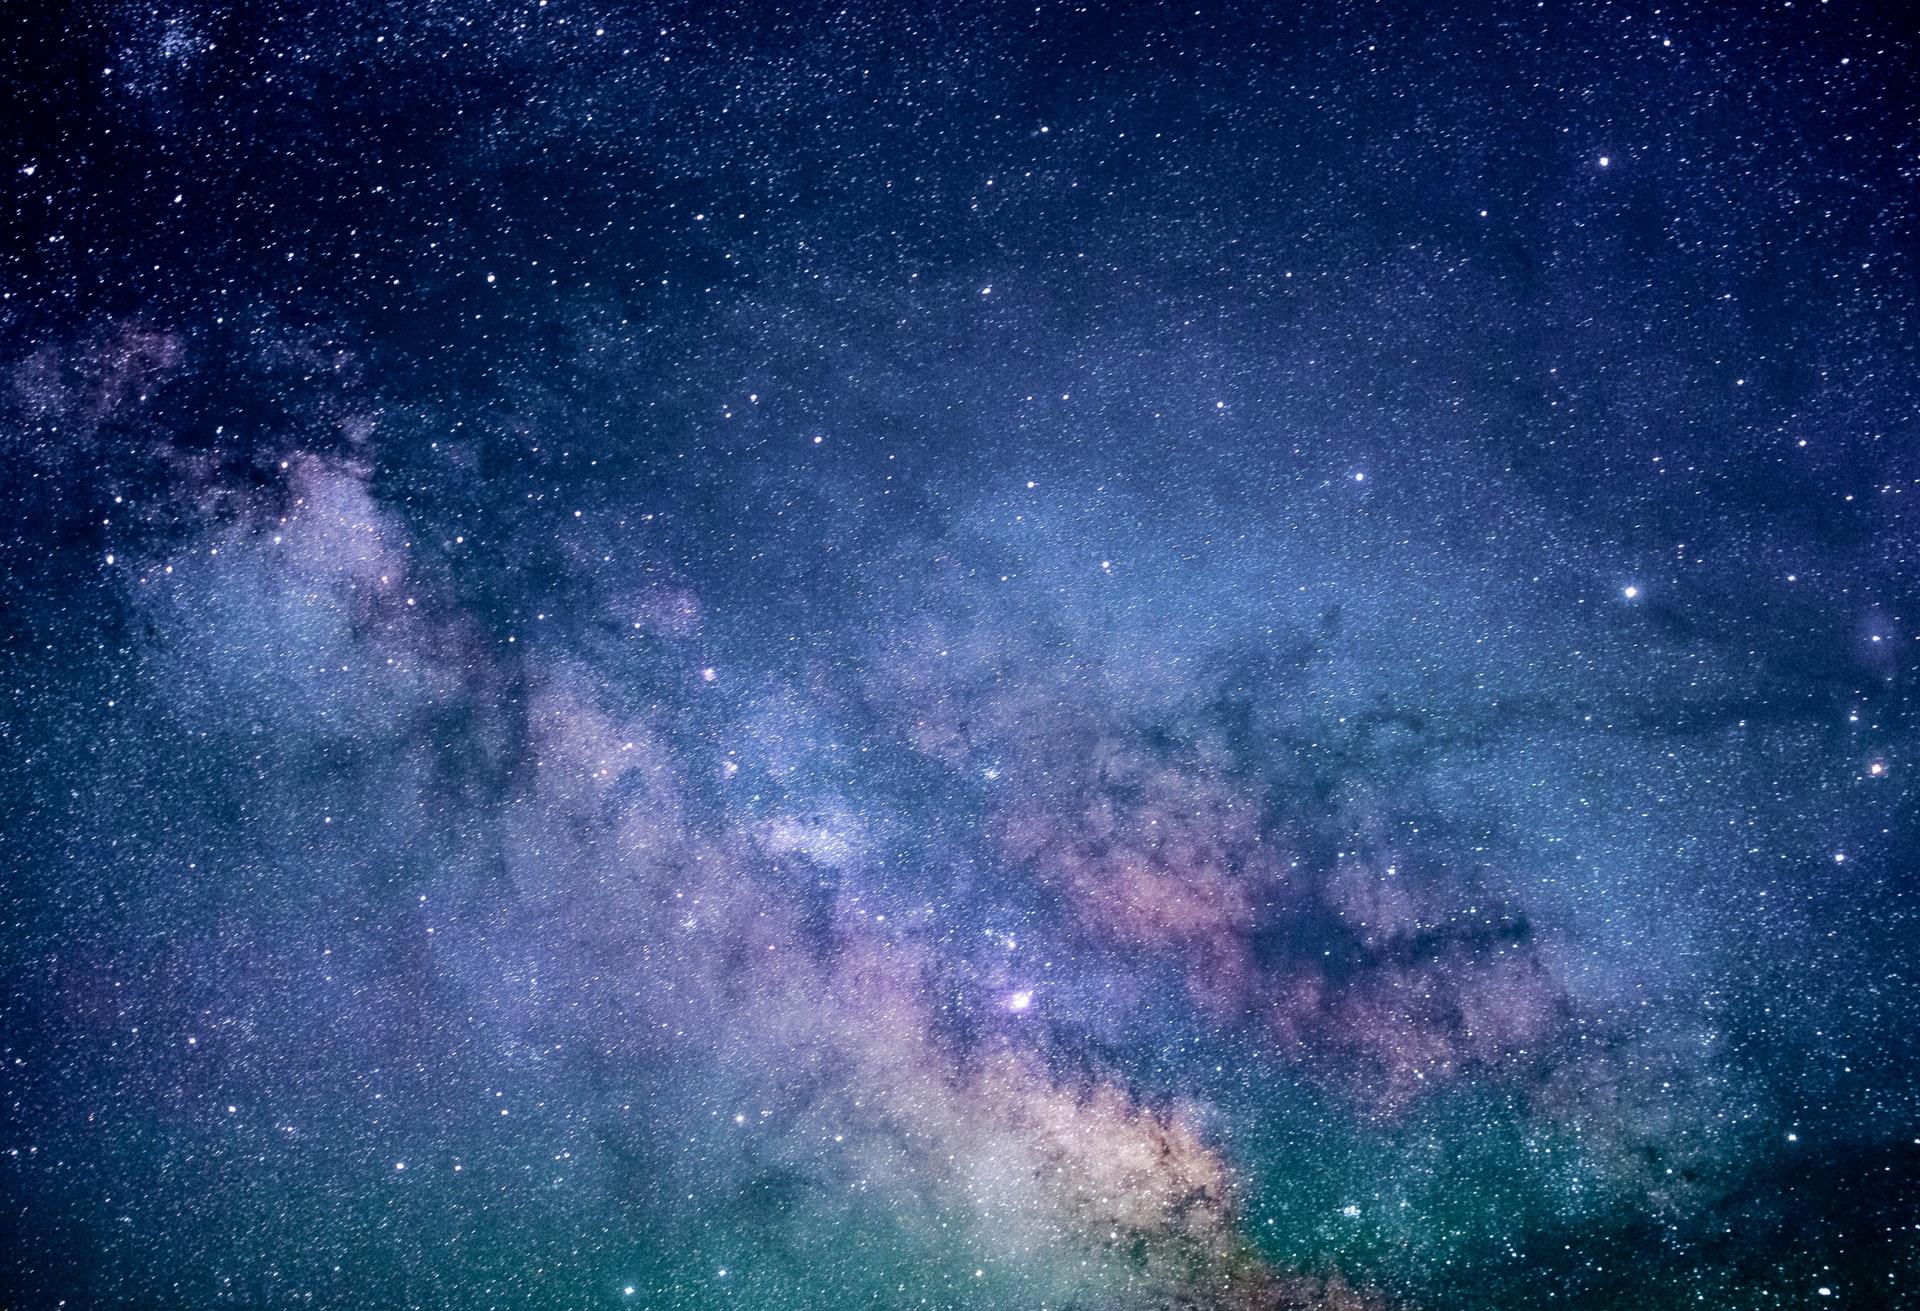 Une photo de notre galaxie